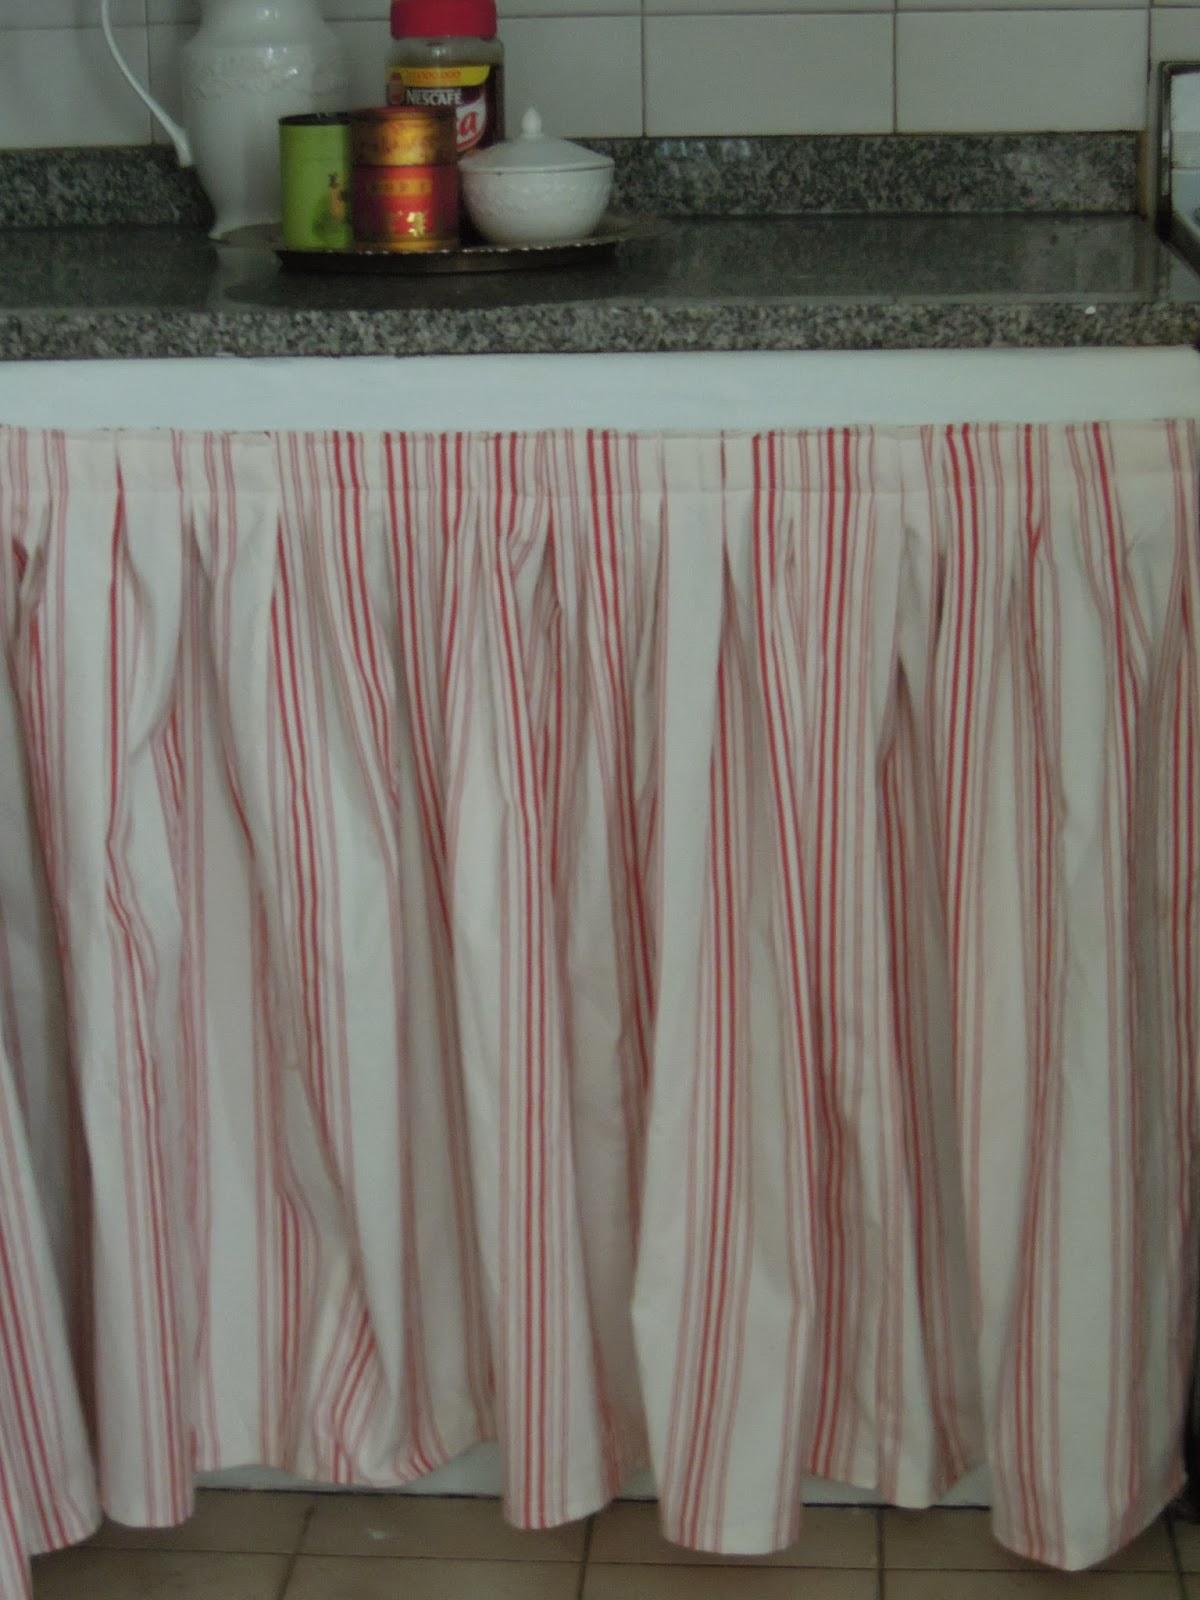 Problema 3 las alacenas de abajo marcela cavaglieri - Que cortinas poner en la cocina ...